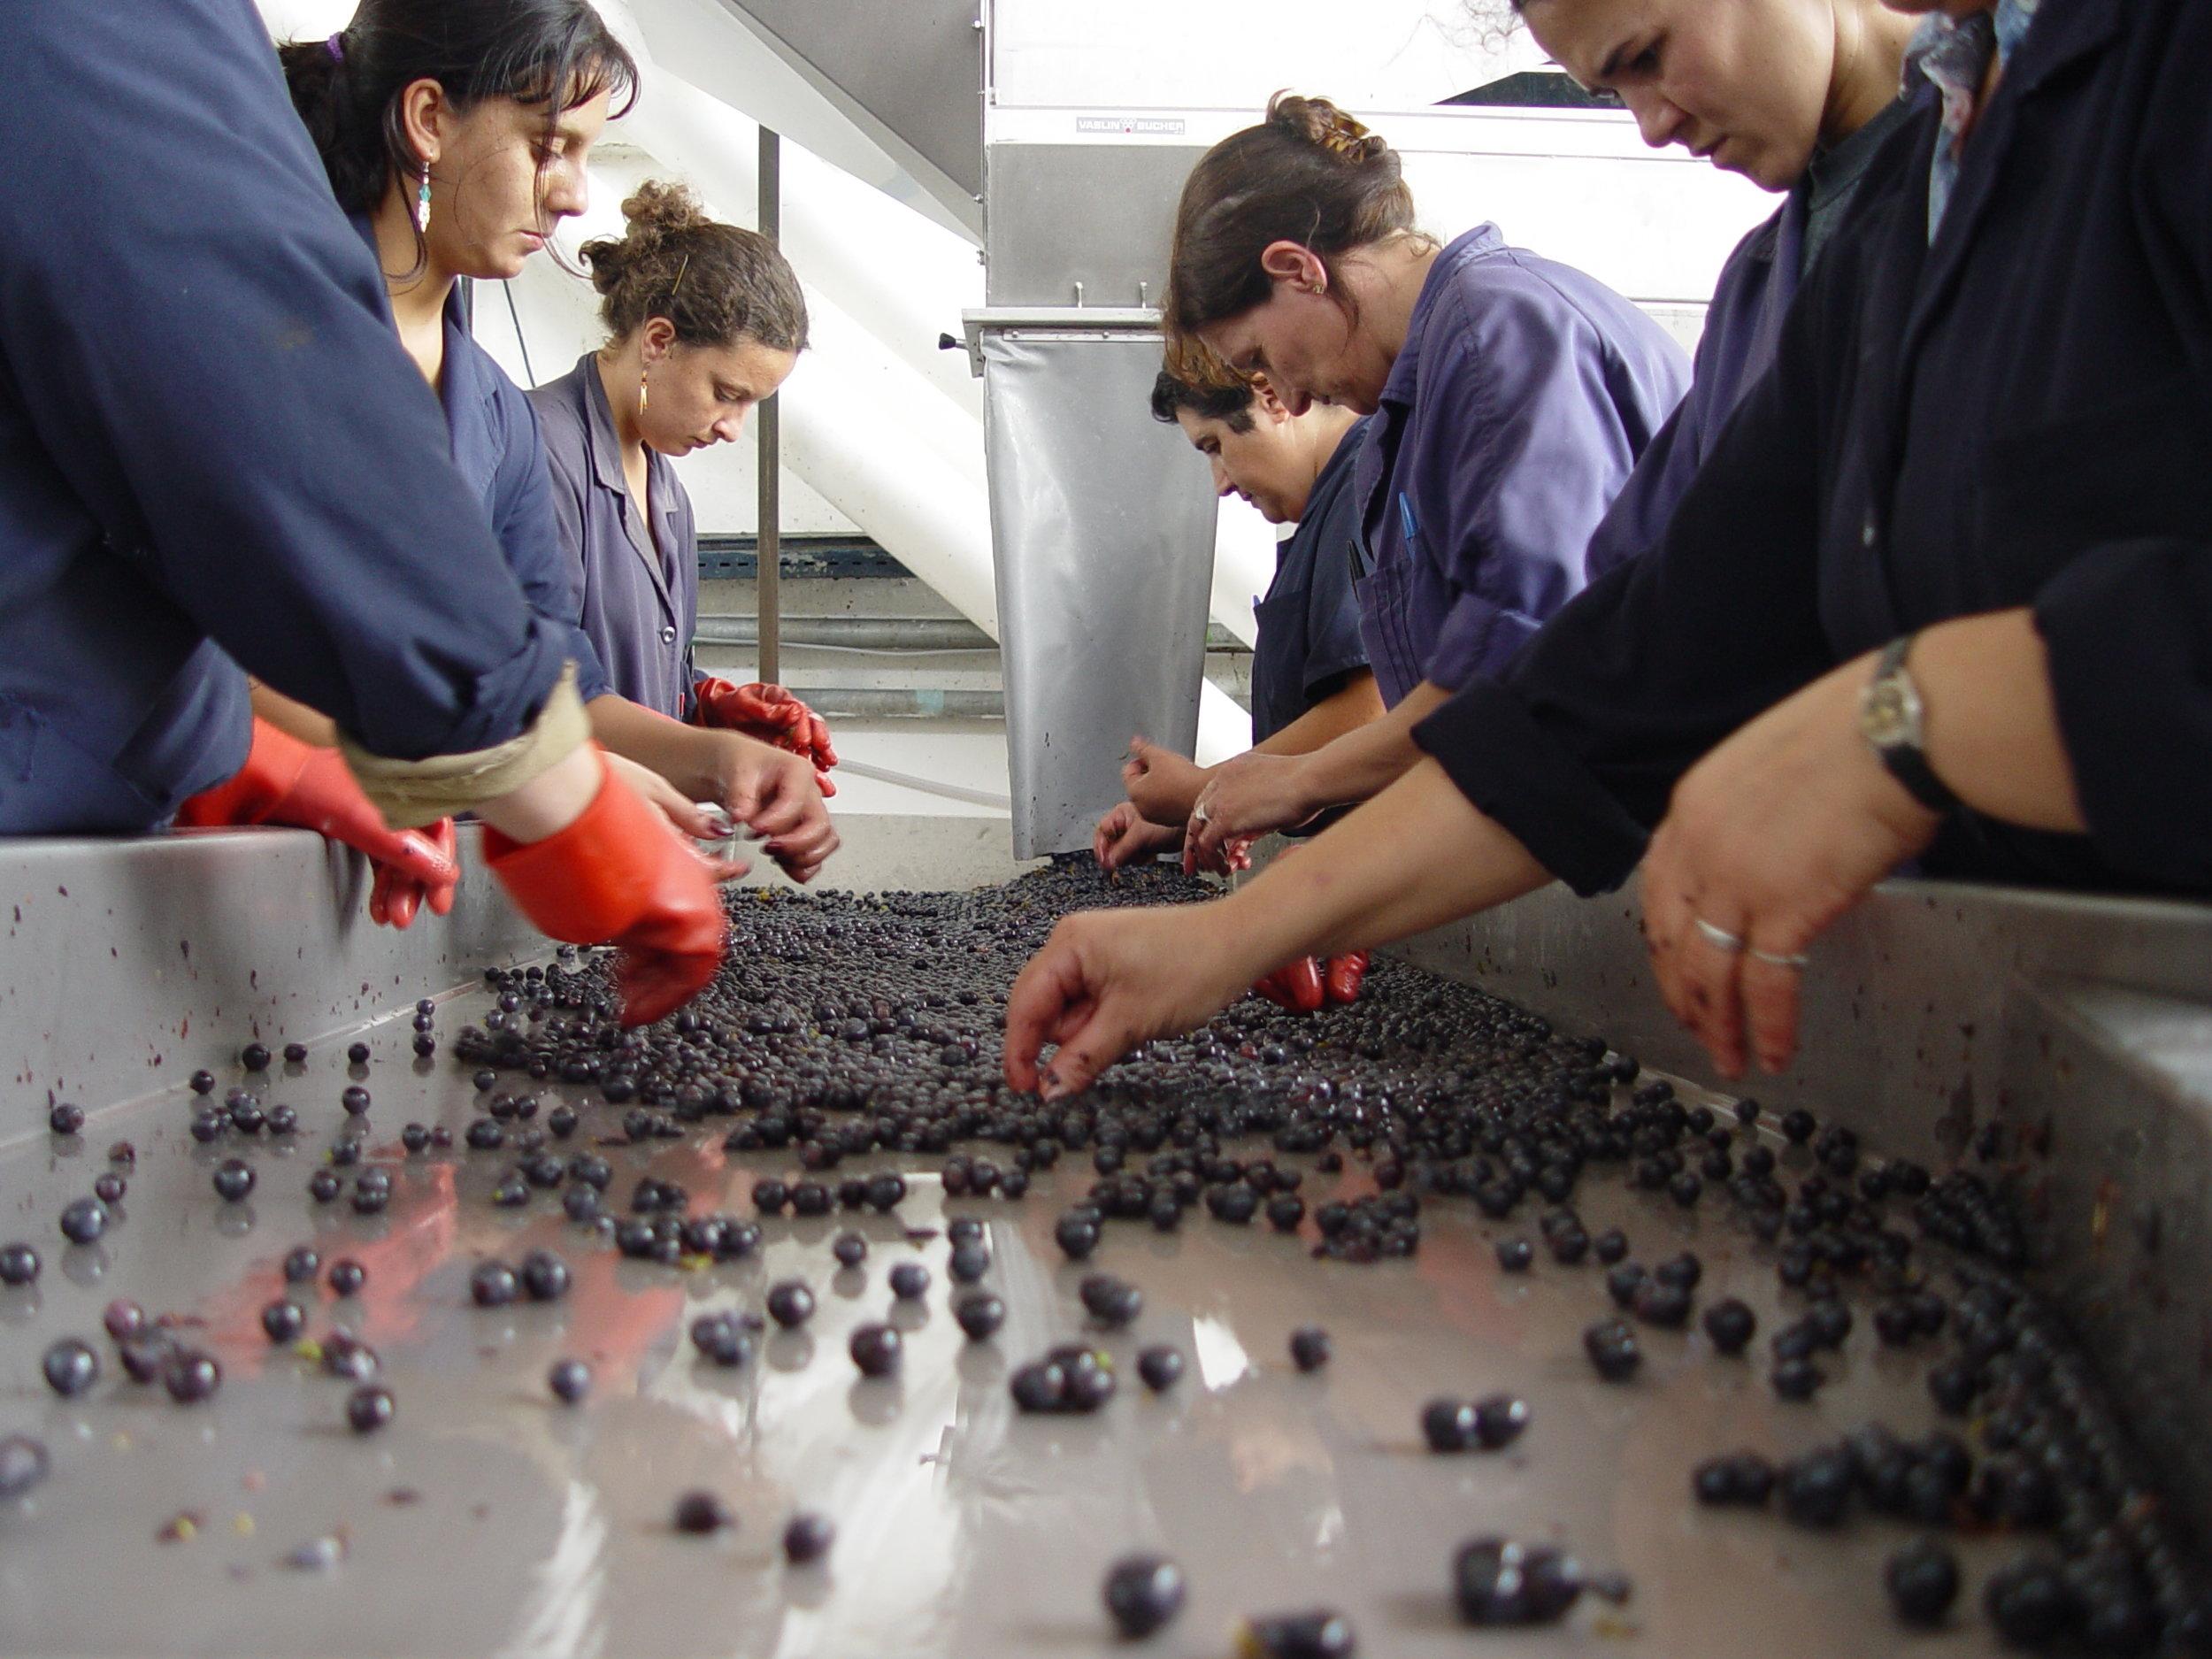 DSC08114 - seleccion de uvas.JPG